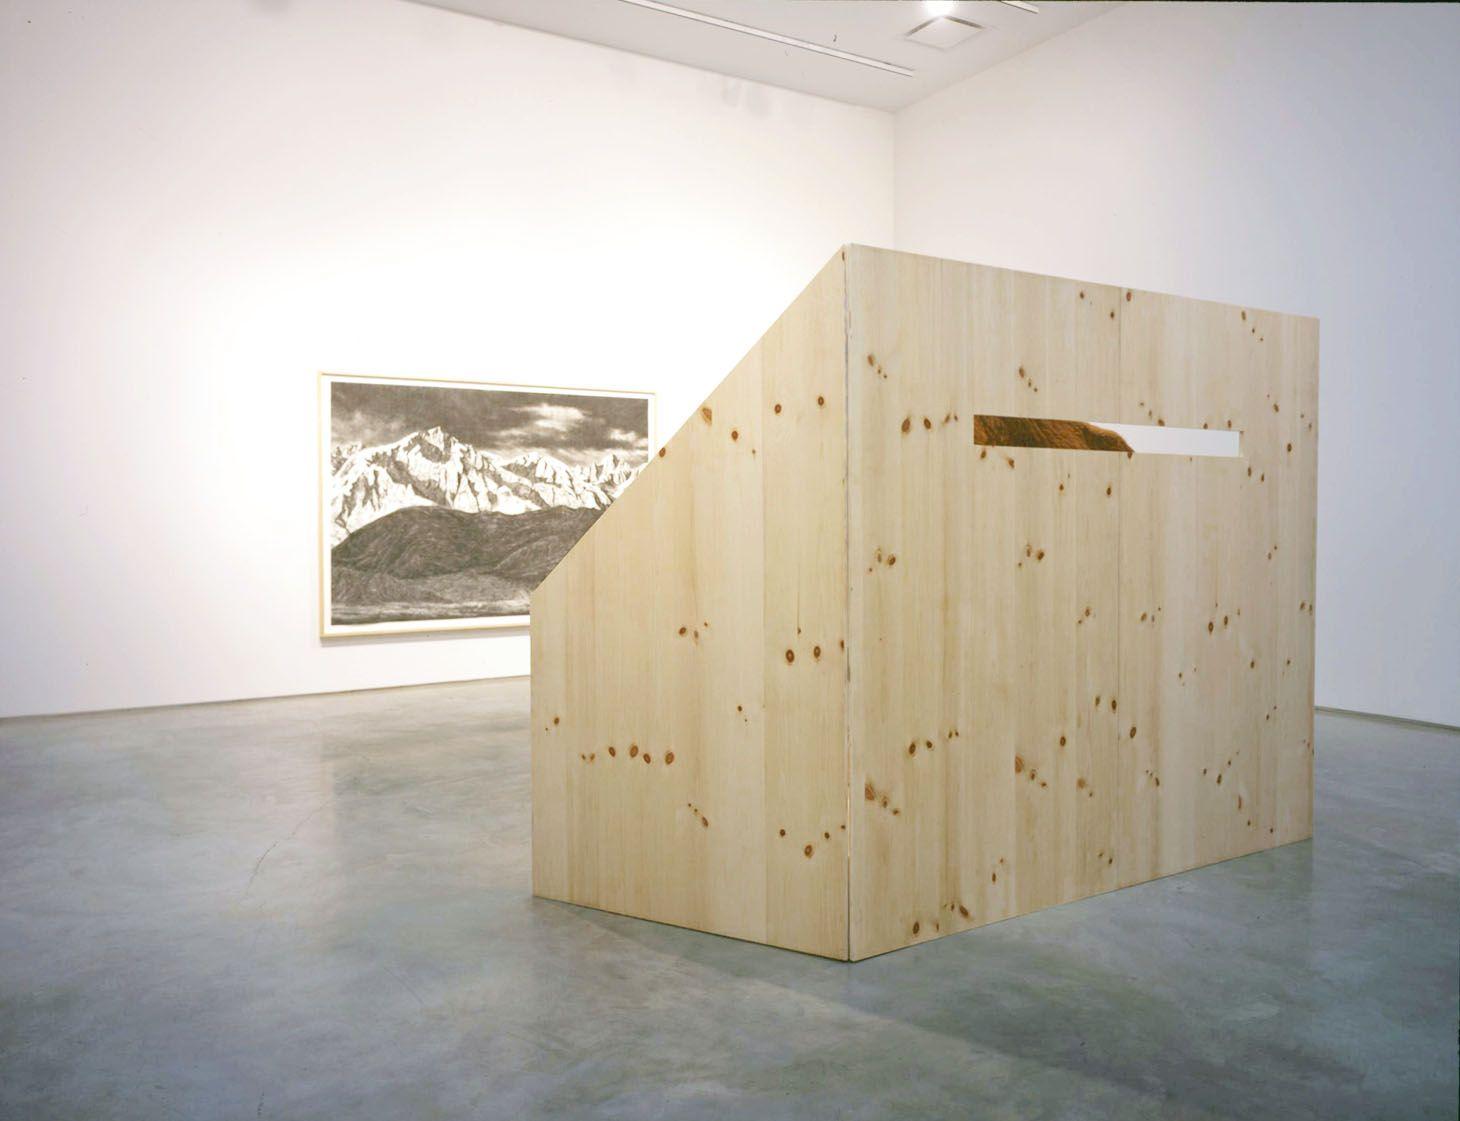 Undying Glare, 2007